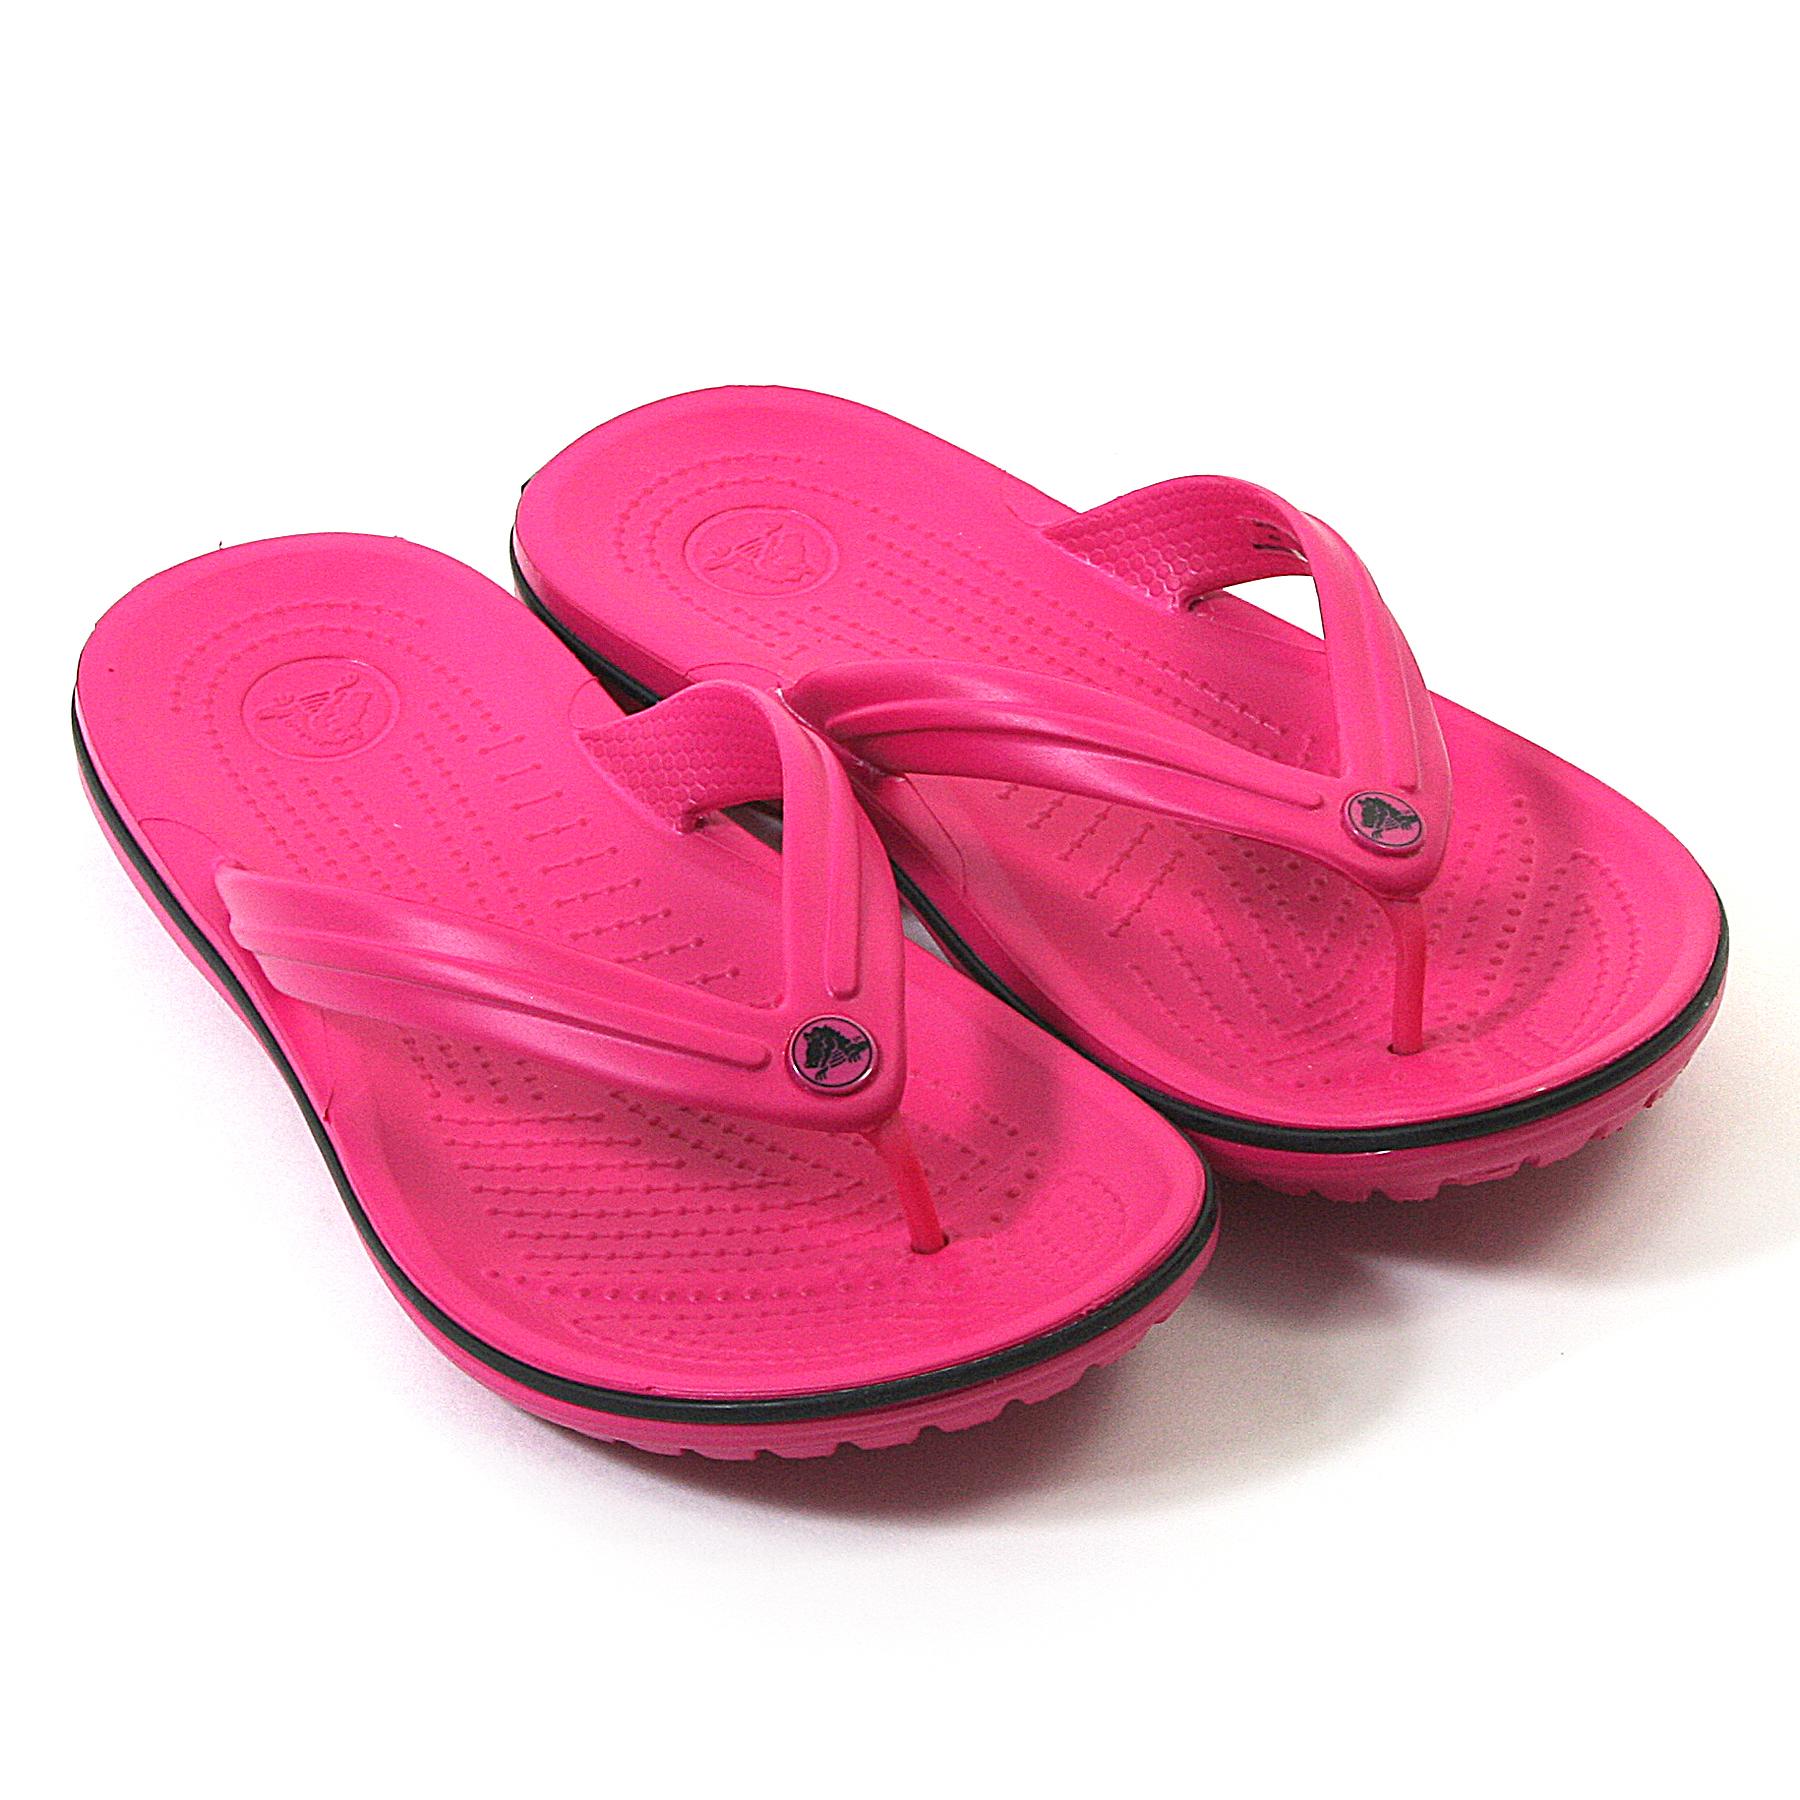 new genuine crocs unisex crocband flip flops lightweight comfort sandals 3 12 uk ebay. Black Bedroom Furniture Sets. Home Design Ideas